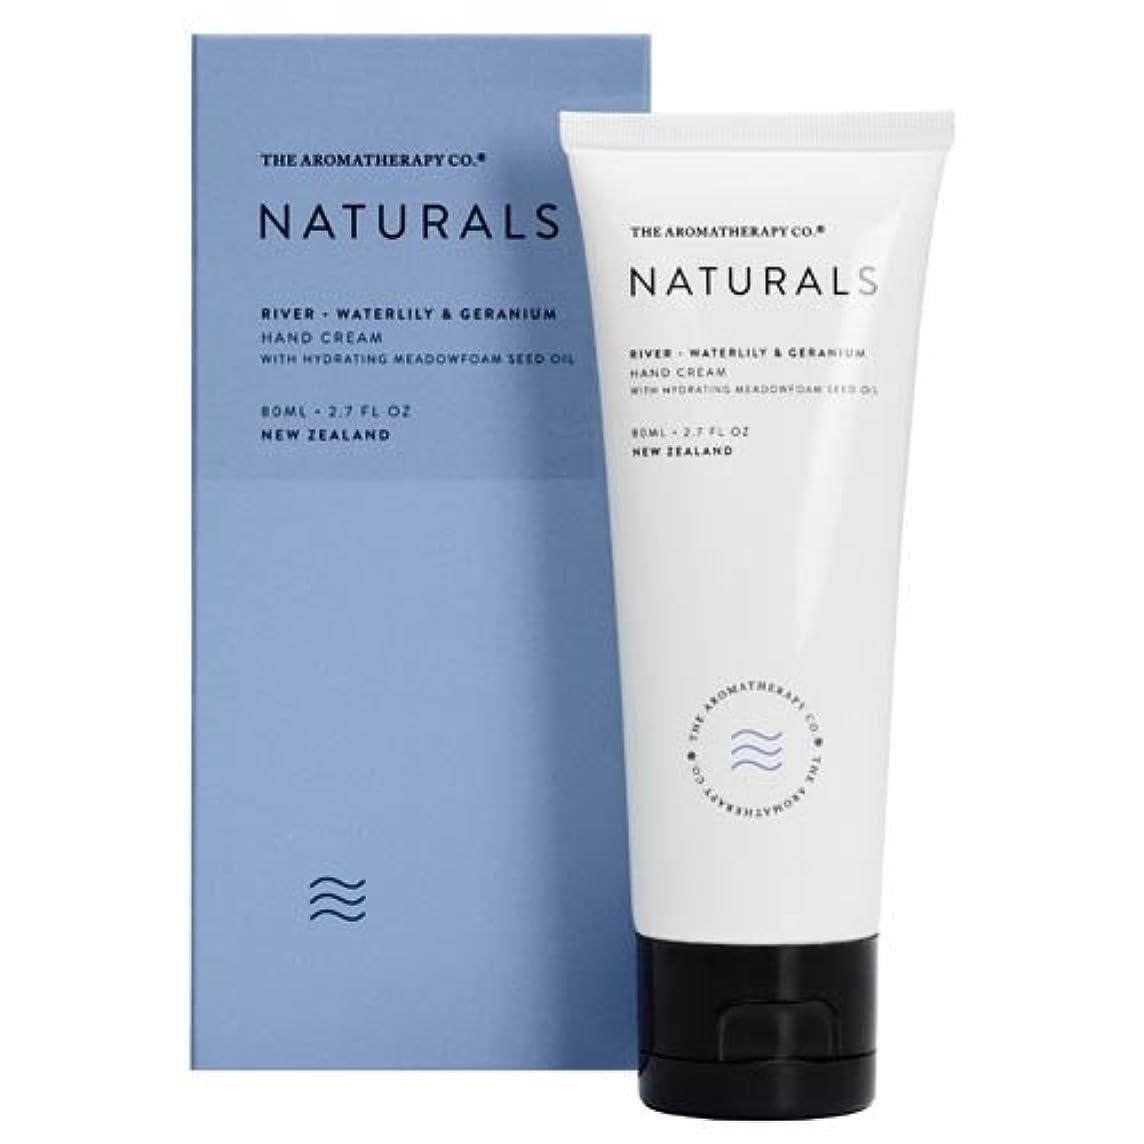 もっと太字アーティストnew NATURALS ナチュラルズ Hand Cream ハンドクリーム River リバー(川)Waterlily & Geranium ウォーターリリー&ゼラニウム